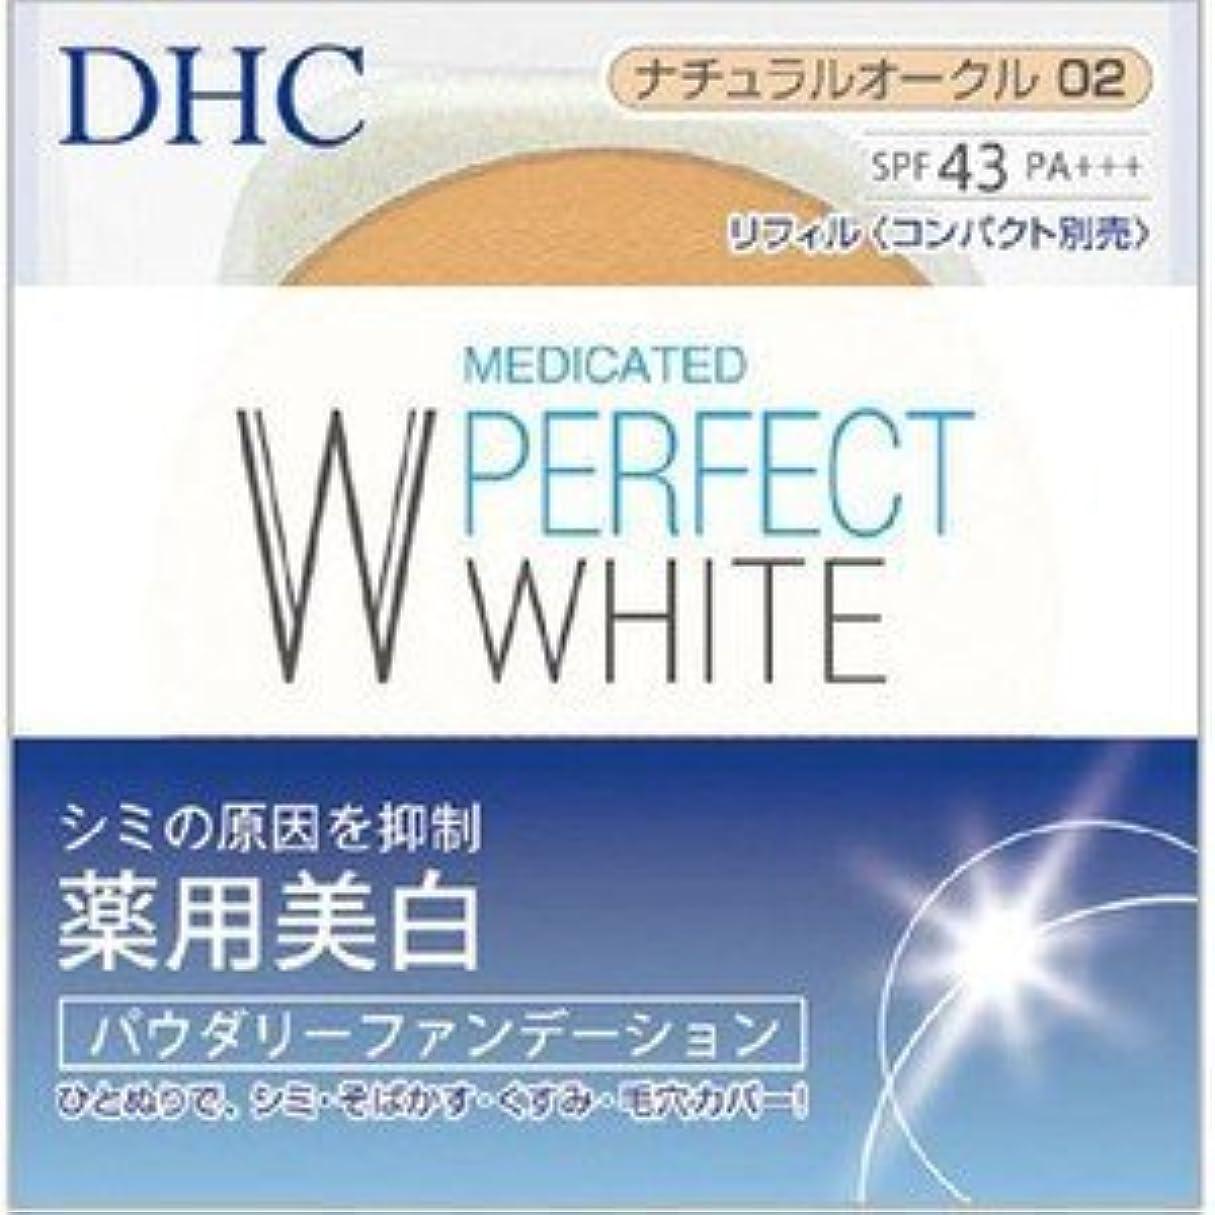 一部予想外ハンカチDHC 薬用パーフェクトホワイト パウダリーファンデーション ナチュラルオークル02(リフィル) 10g(医薬部外品)